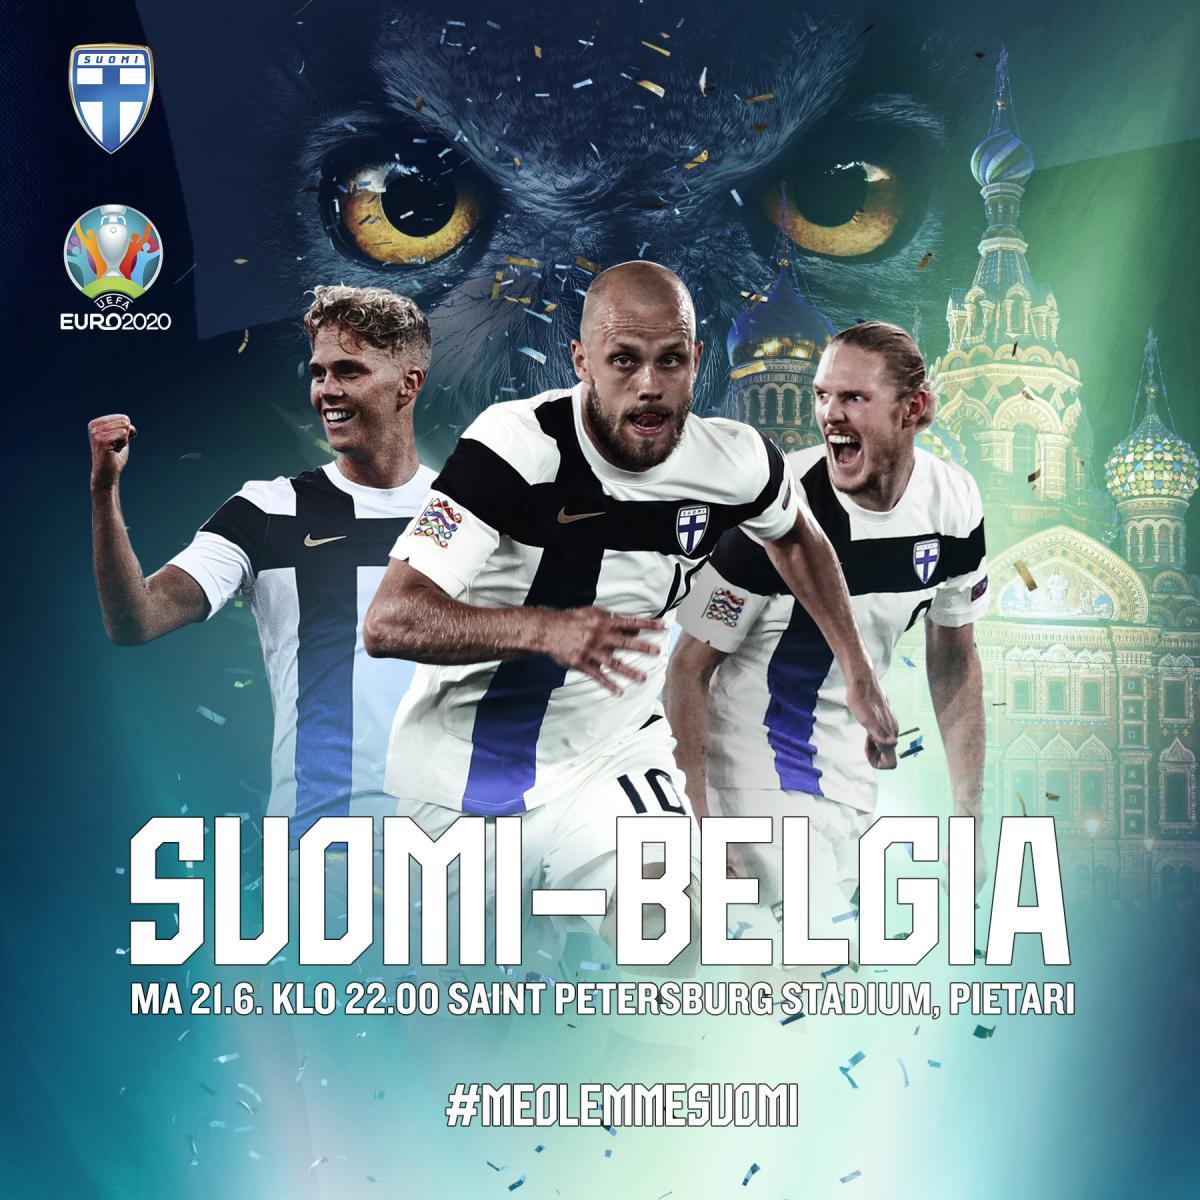 Twitter: Selección Finlandia